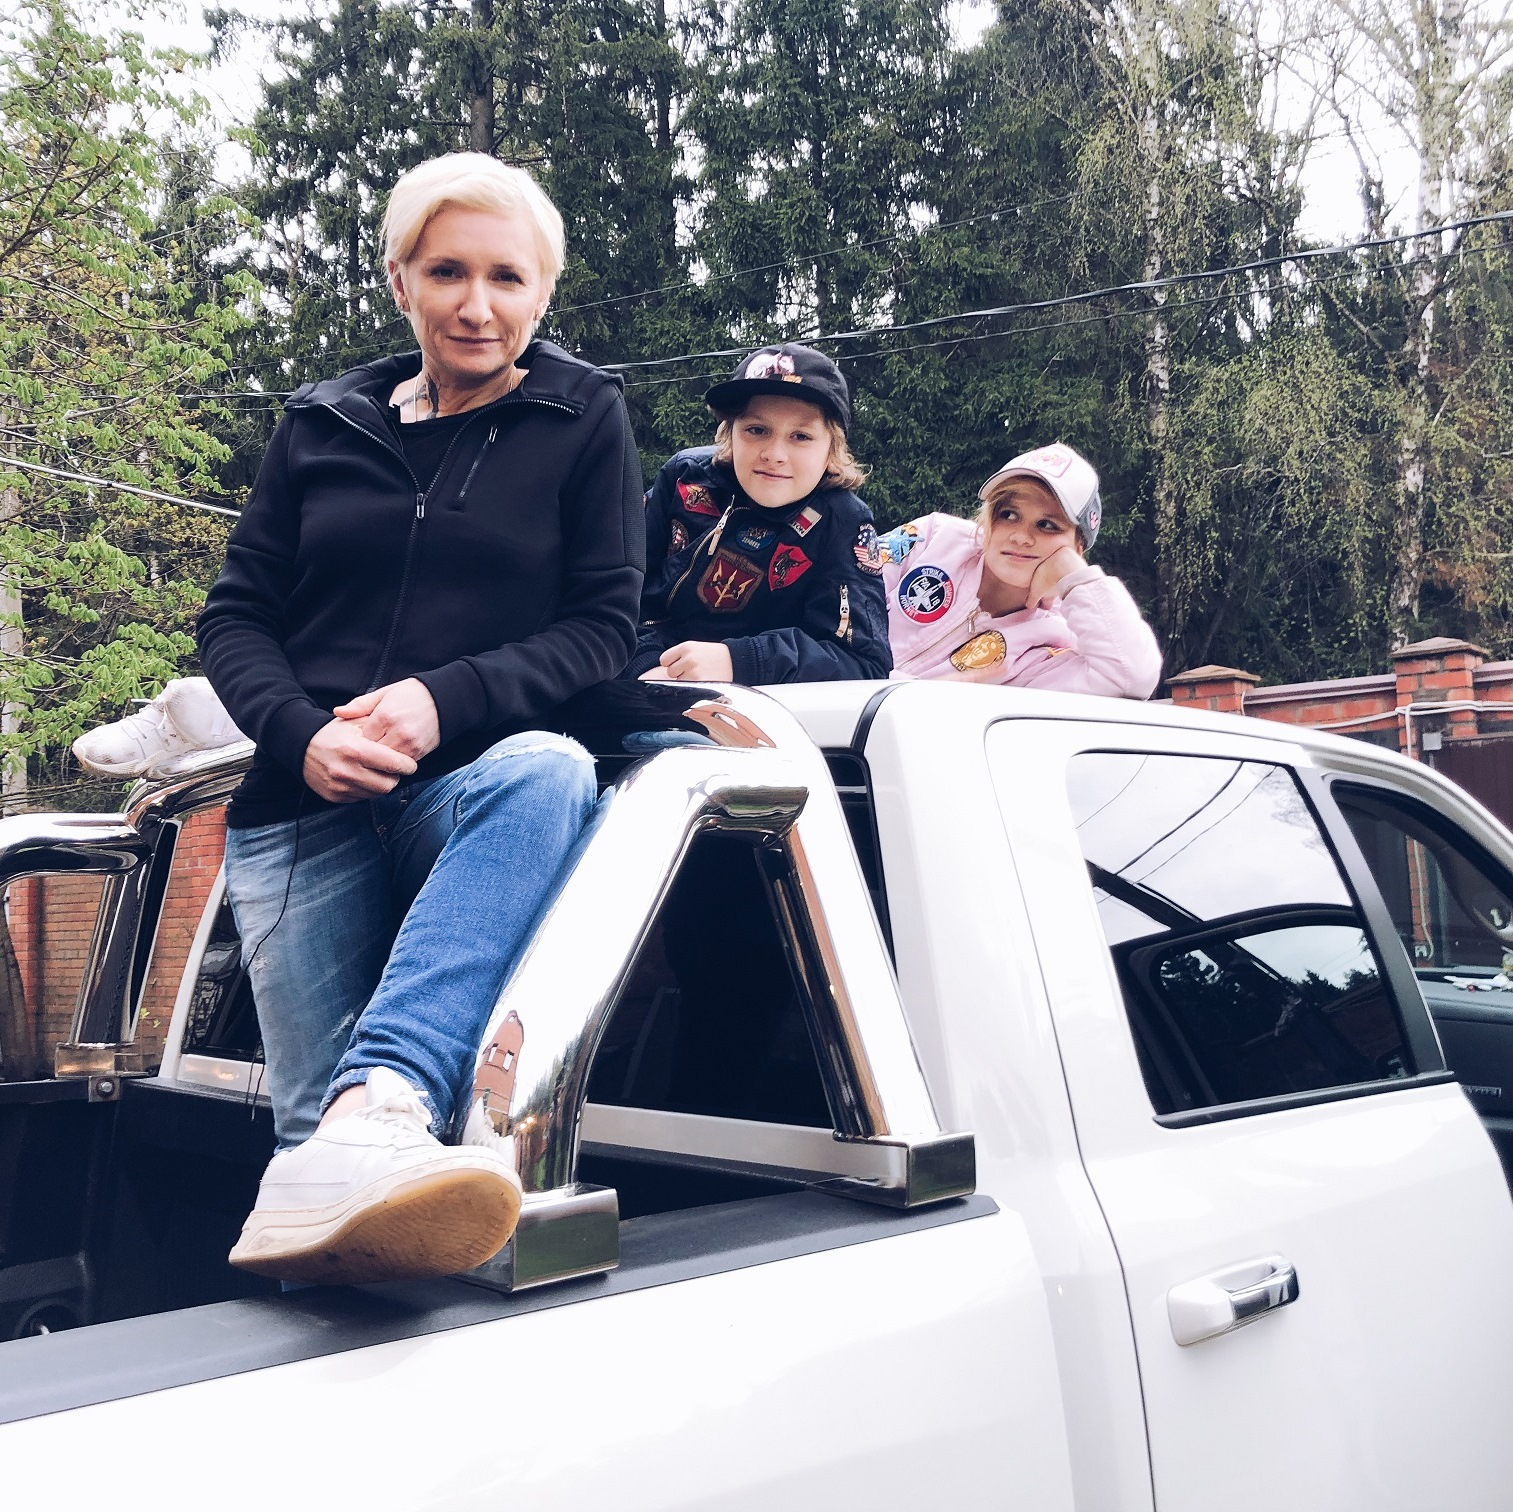 Диана Арбенина сняла своих детей в новом клипе Ночных Снайперов